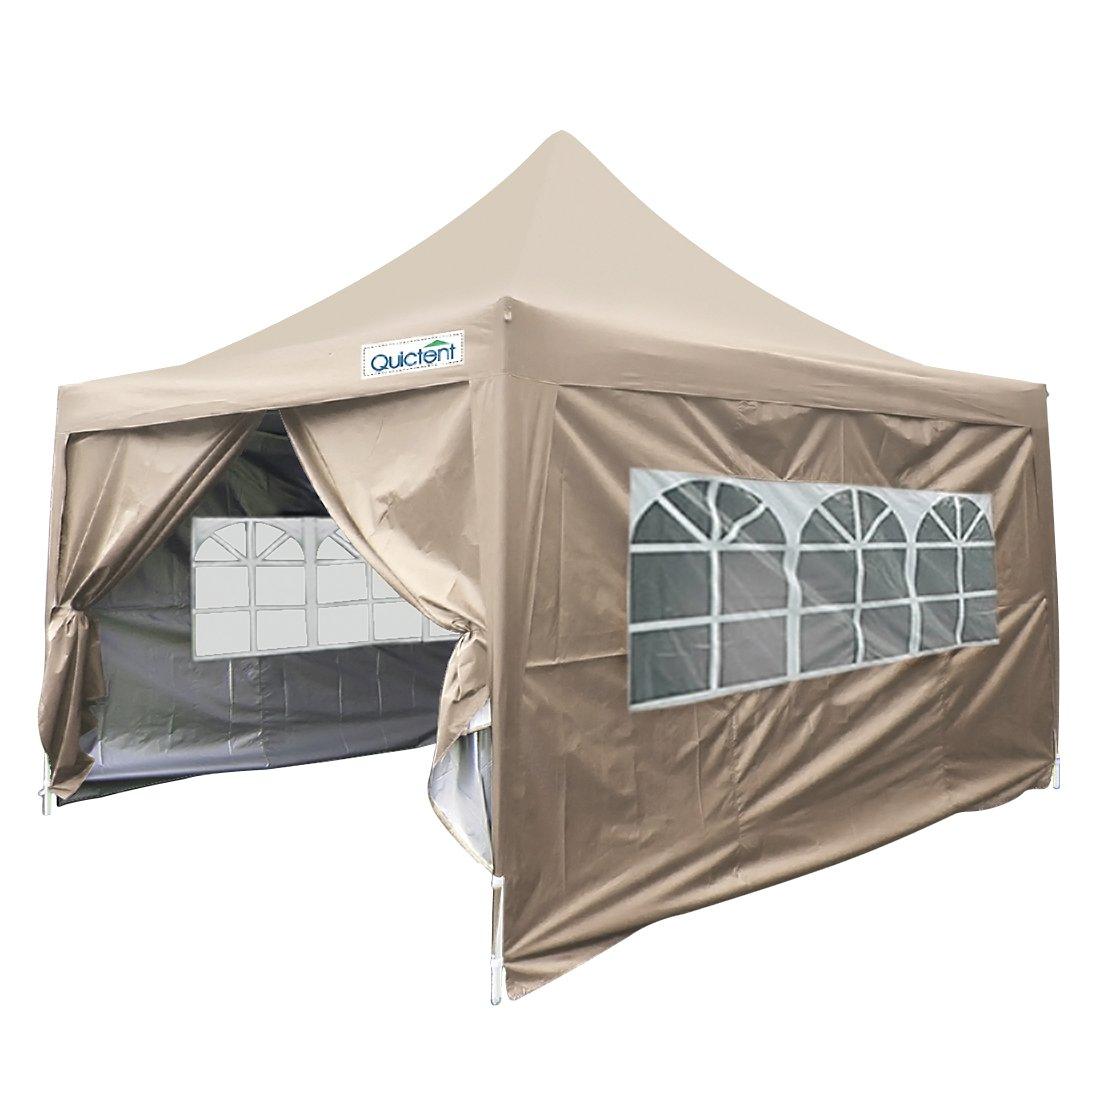 Quictent silvox 100% wasserdicht 10 x 10 \'EZ Pop-up Canopy Zelt ...